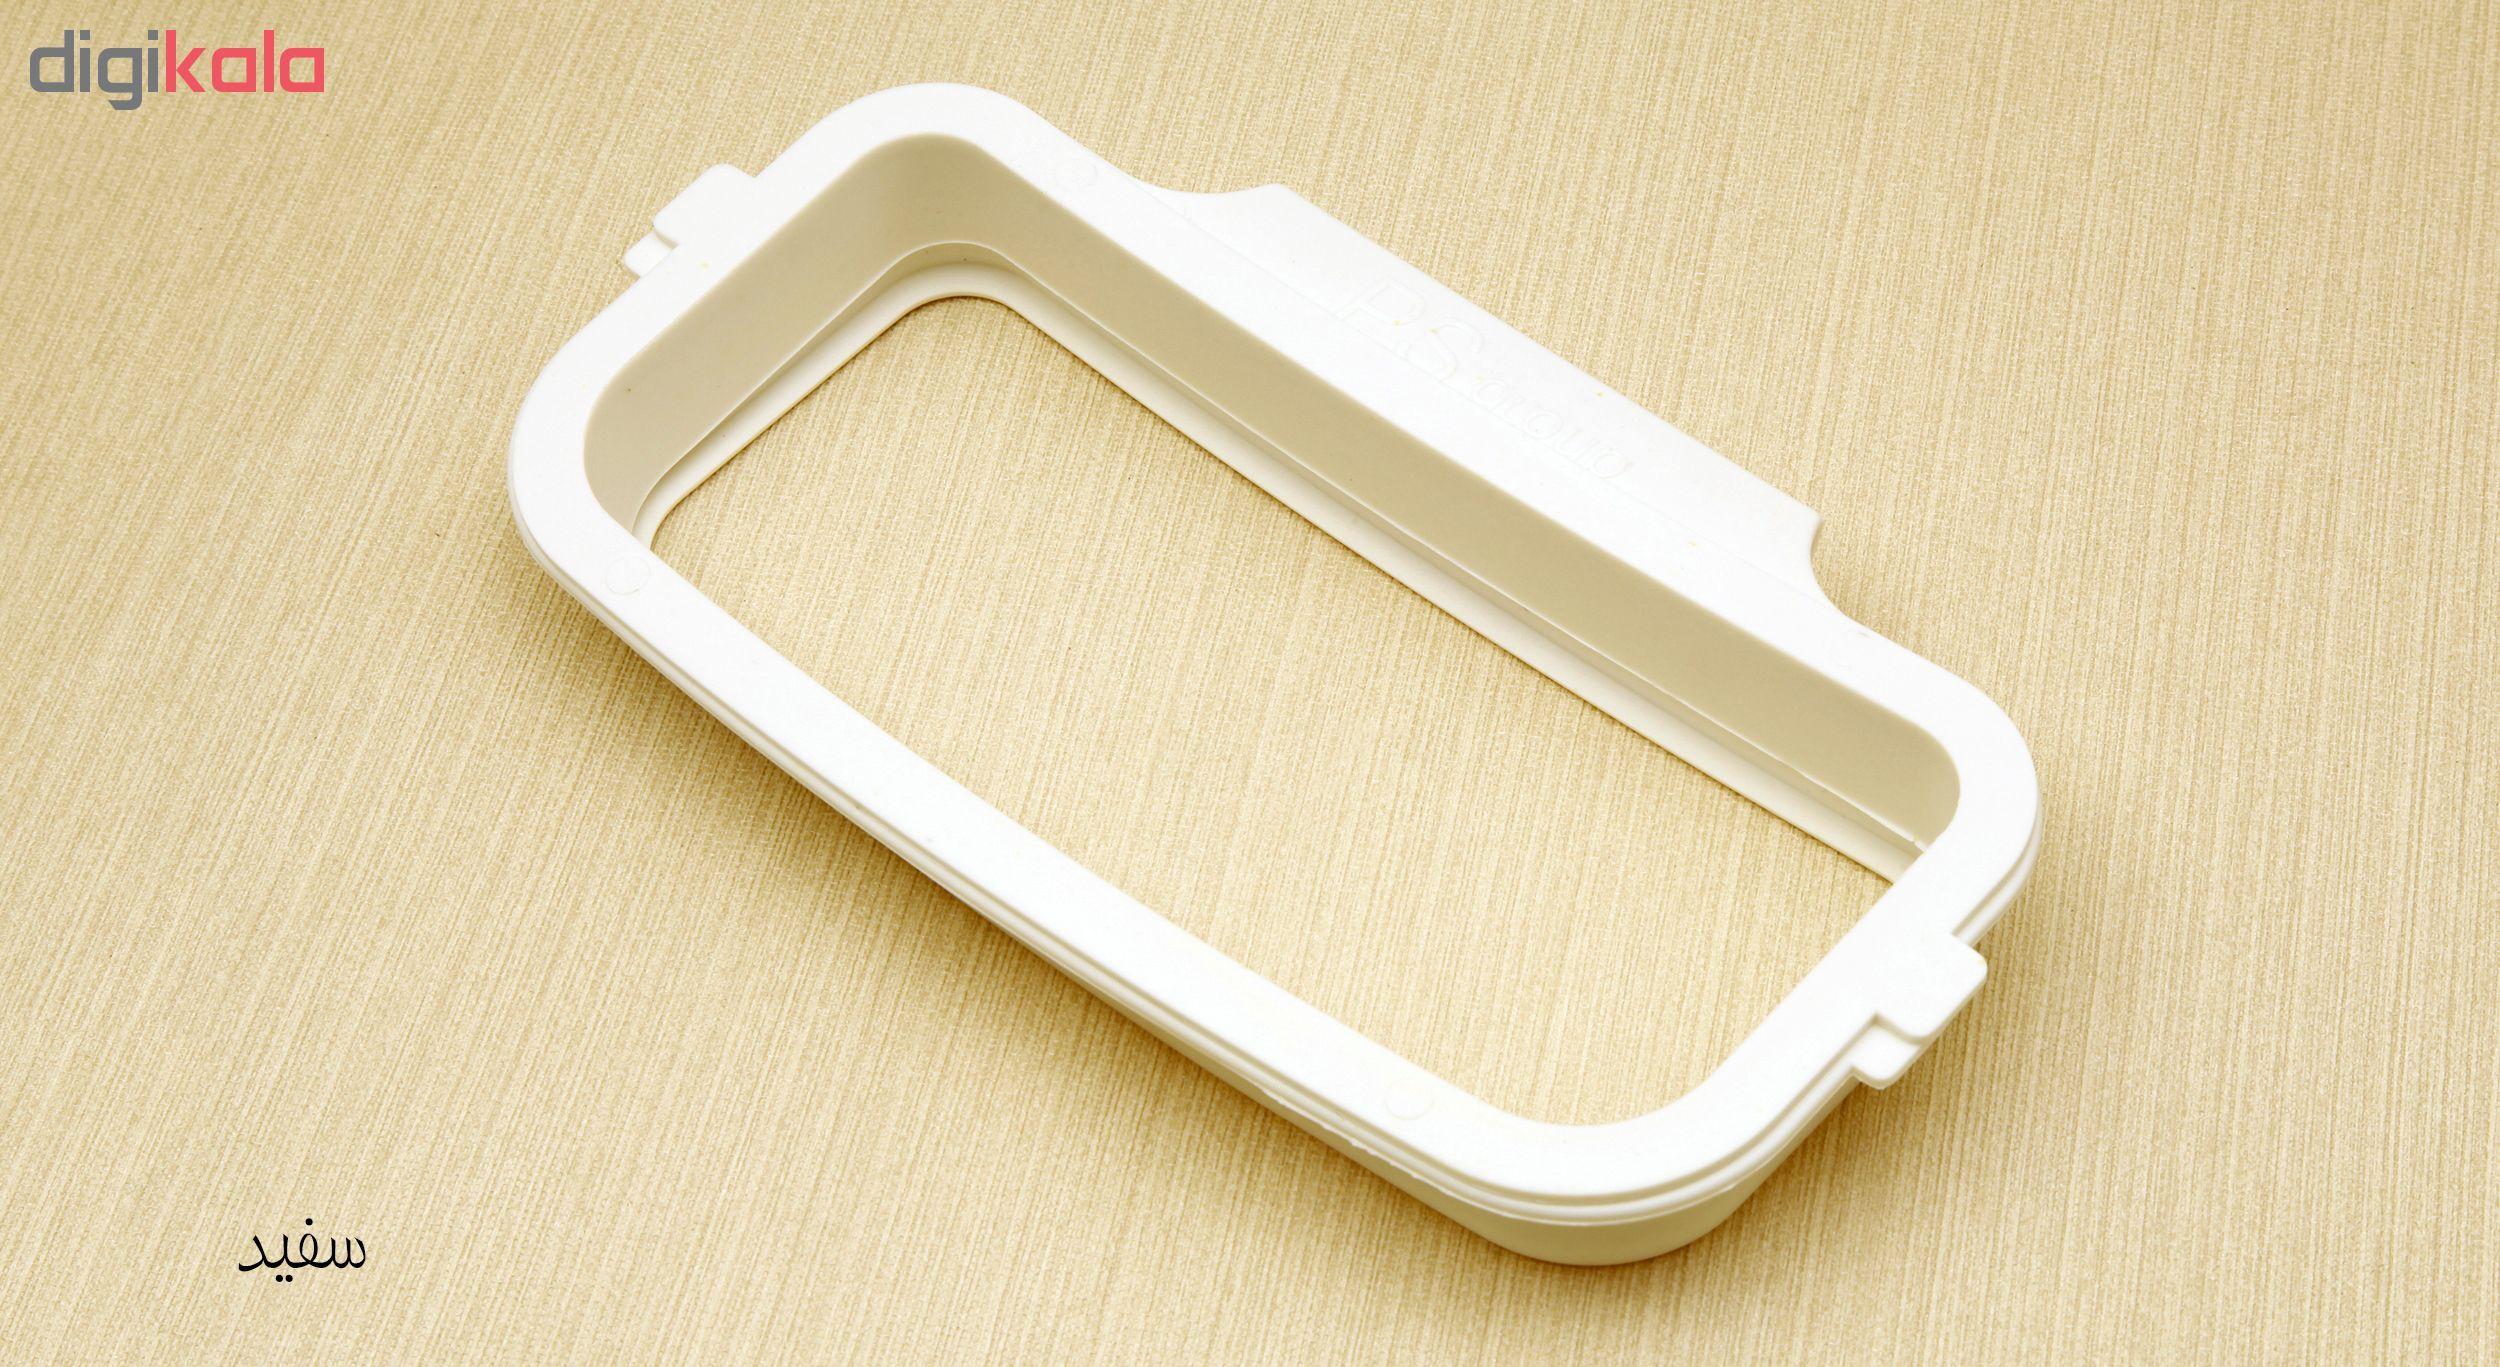 آویز کیسه زباله کابینتی مدل Garbin01 main 1 14